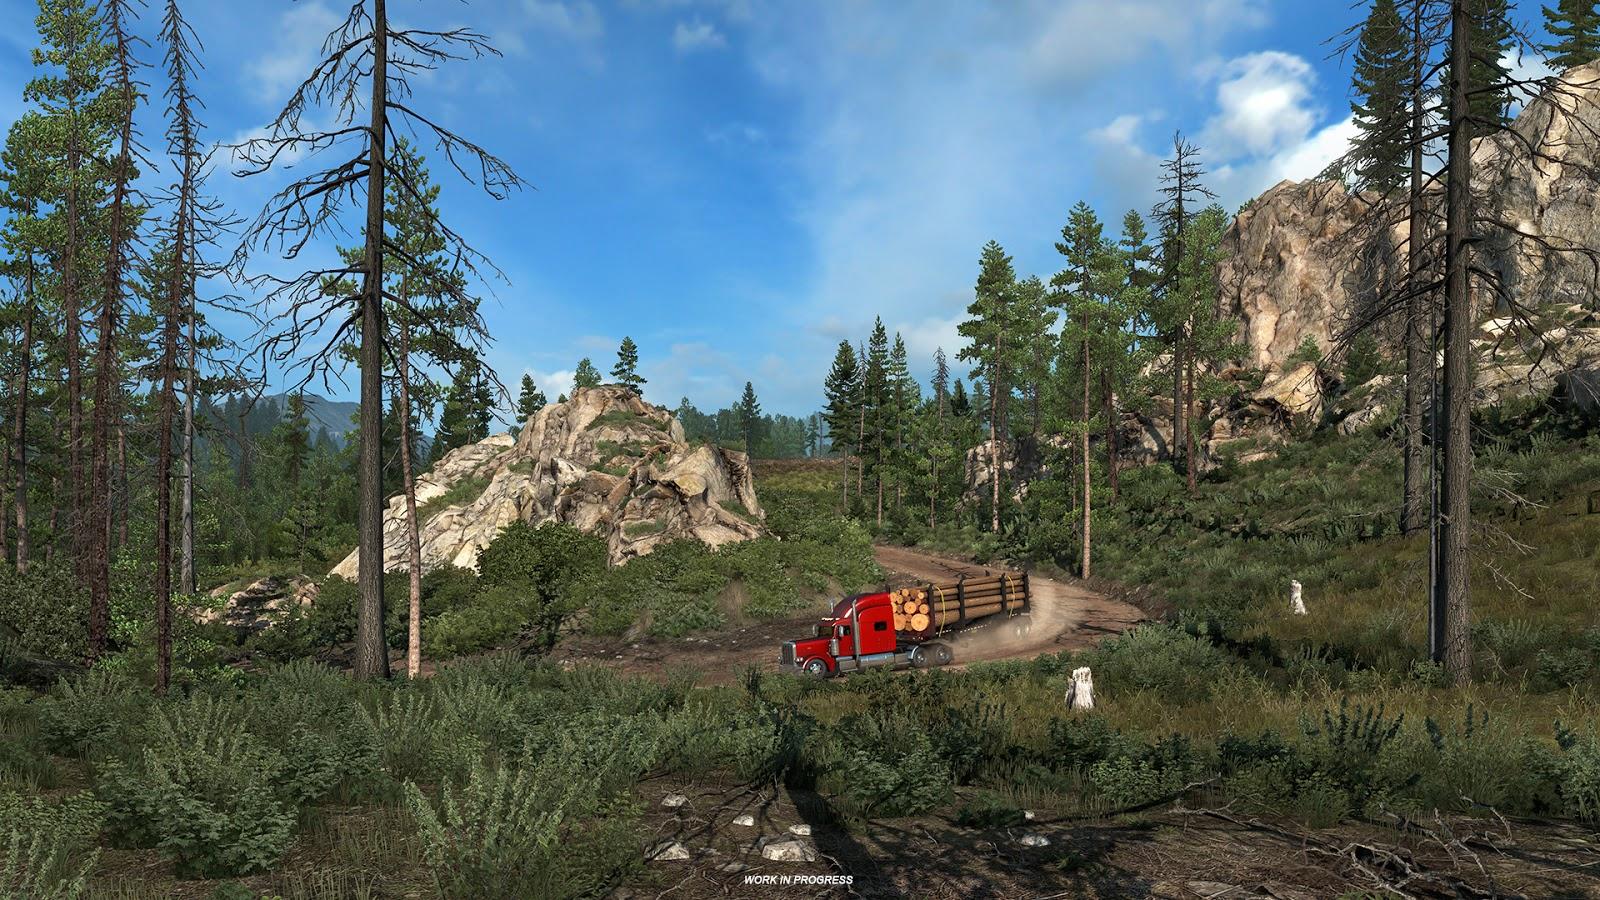 ats-idaho-4-jpg American Truck Sim | More Idaho Previews - Logging